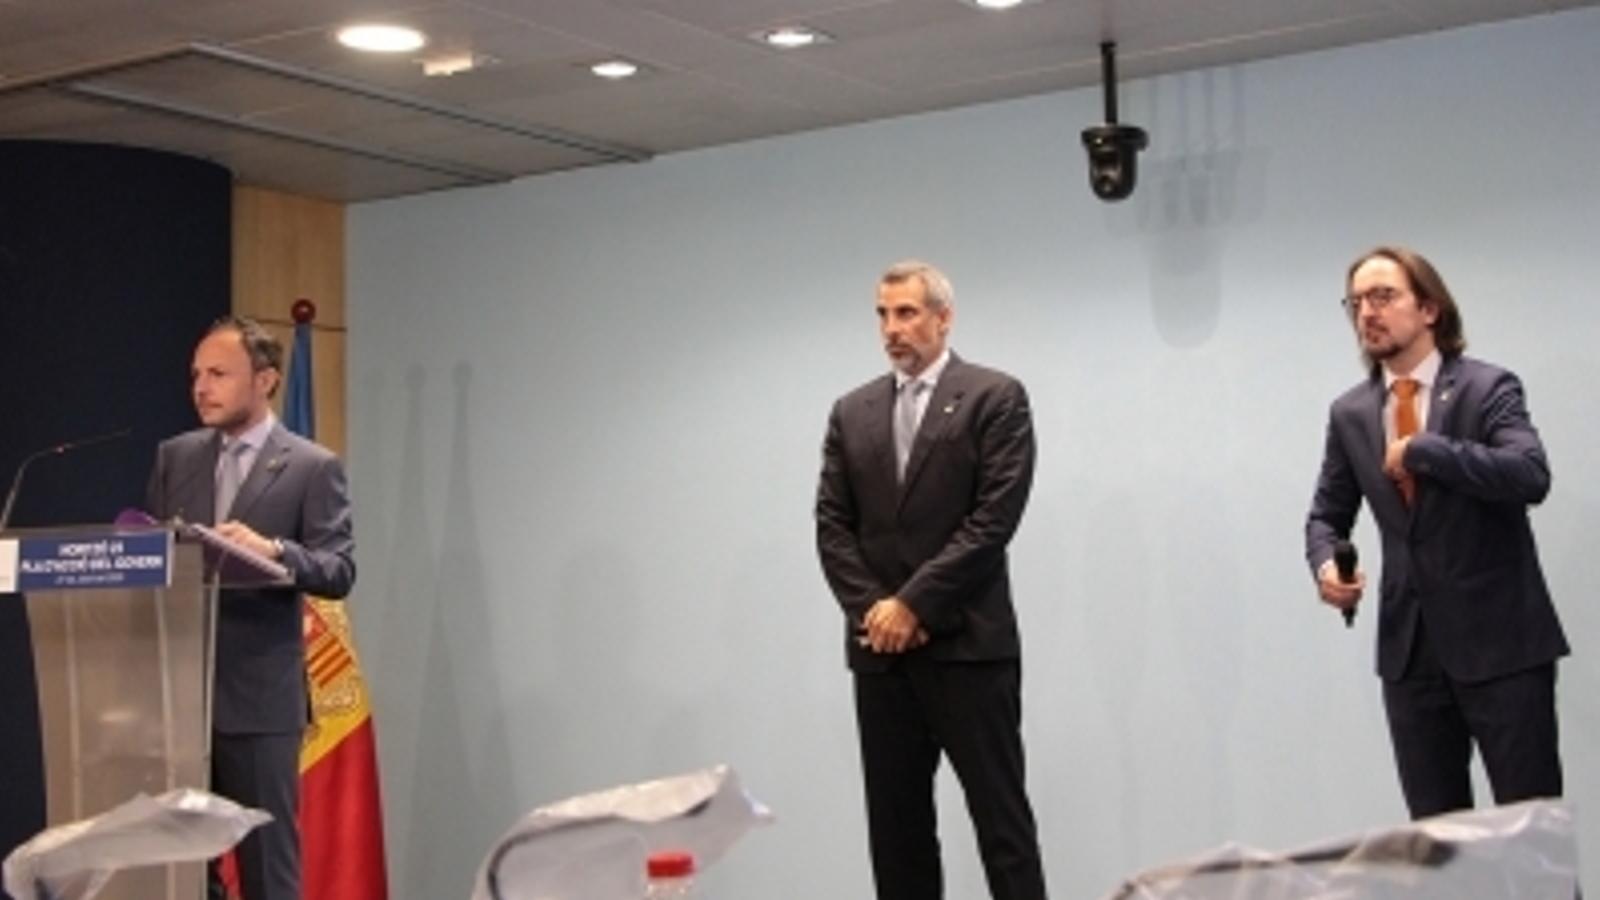 El cap de Govern, Xaver Espot, durant la roda de premsa en què ha presentat el full de ruta per a la legislatura, acompanyat dels secretaris d'Estat de Telecomunicacions i Infraestuctures, Cèsar Marquina, i d'Afers Europeus, Landry Riba